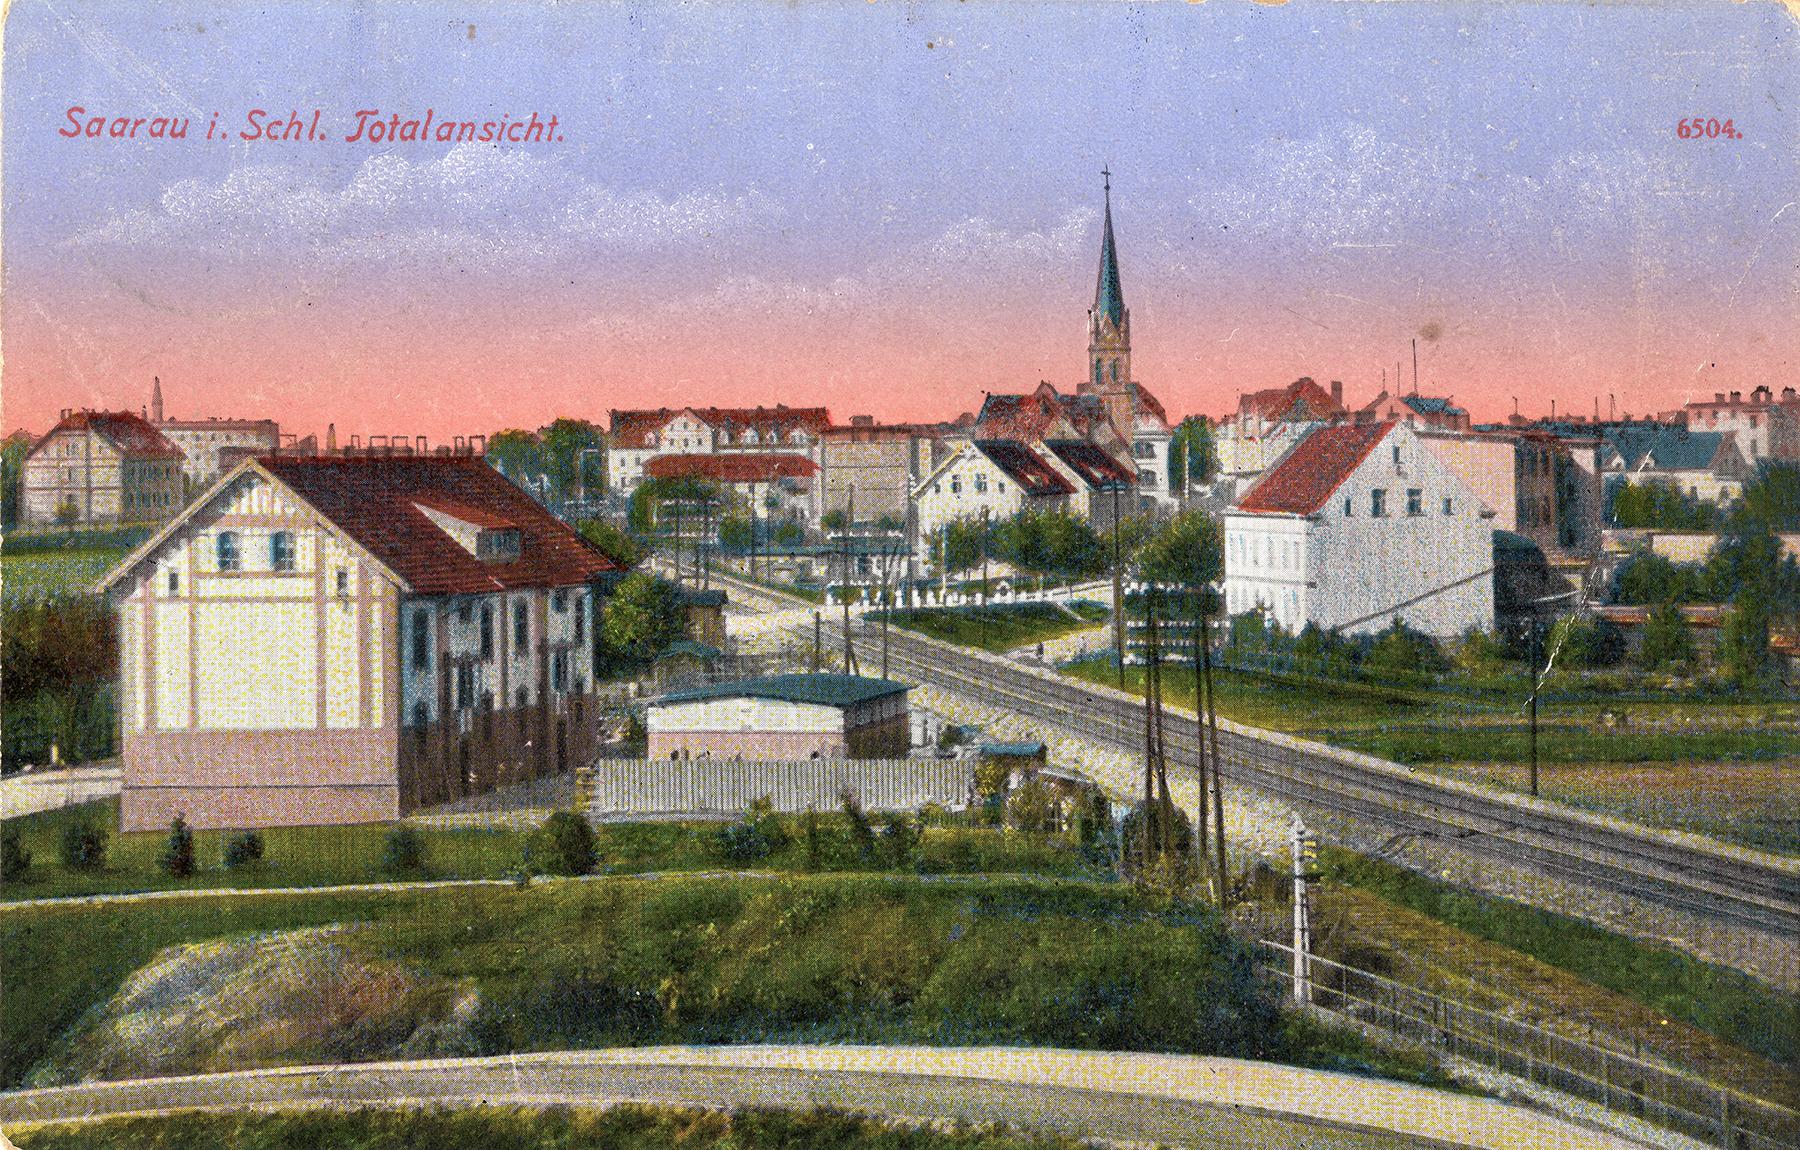 Saarau i. Schl. Totalansicht ok. 1910 (1)